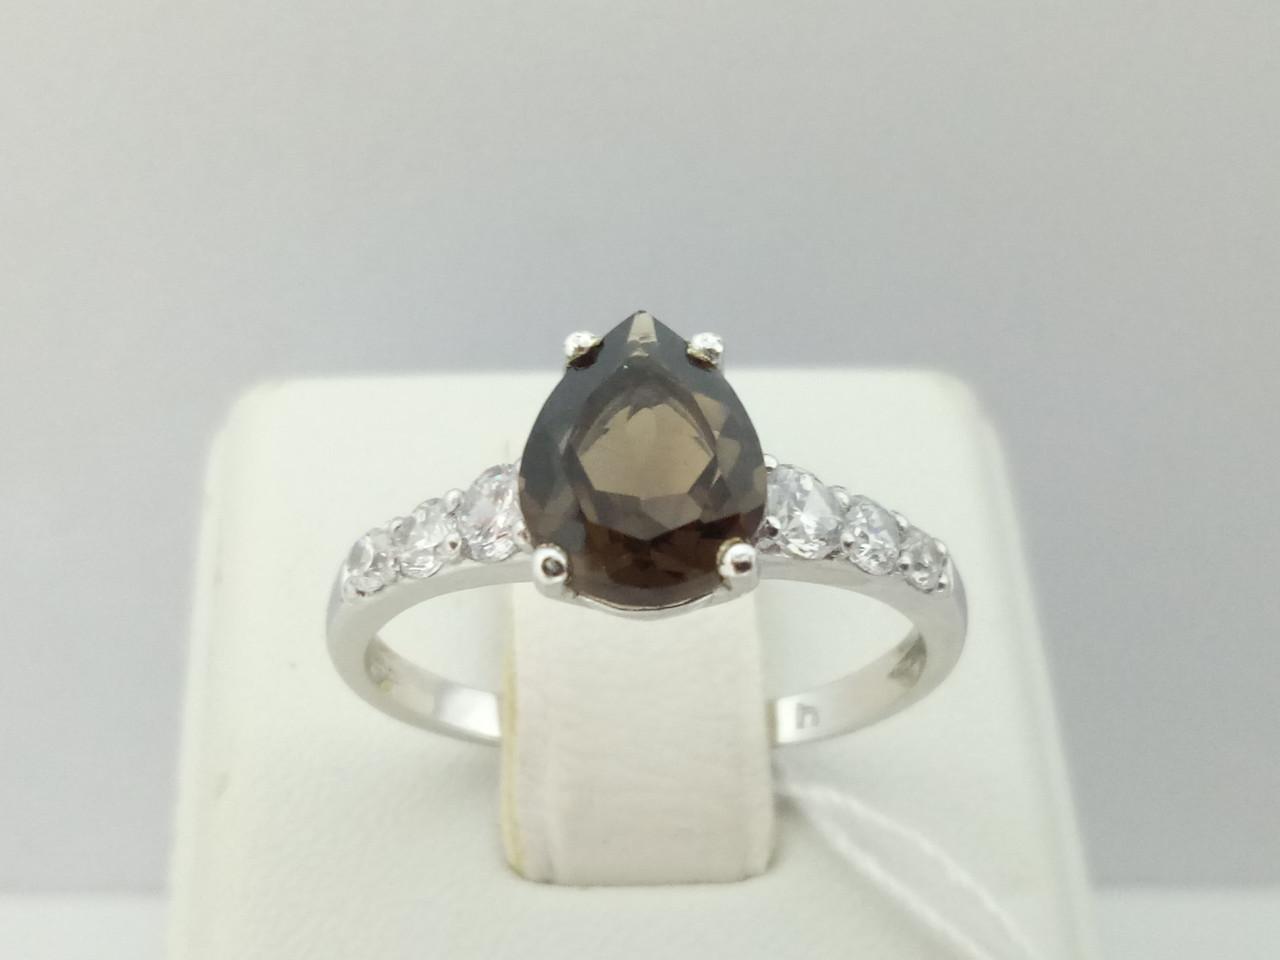 Серебряное кольцо Элизабет с дымчатым кварцем и фианитами. Артикул 1320/1Р-QSMK 17,5